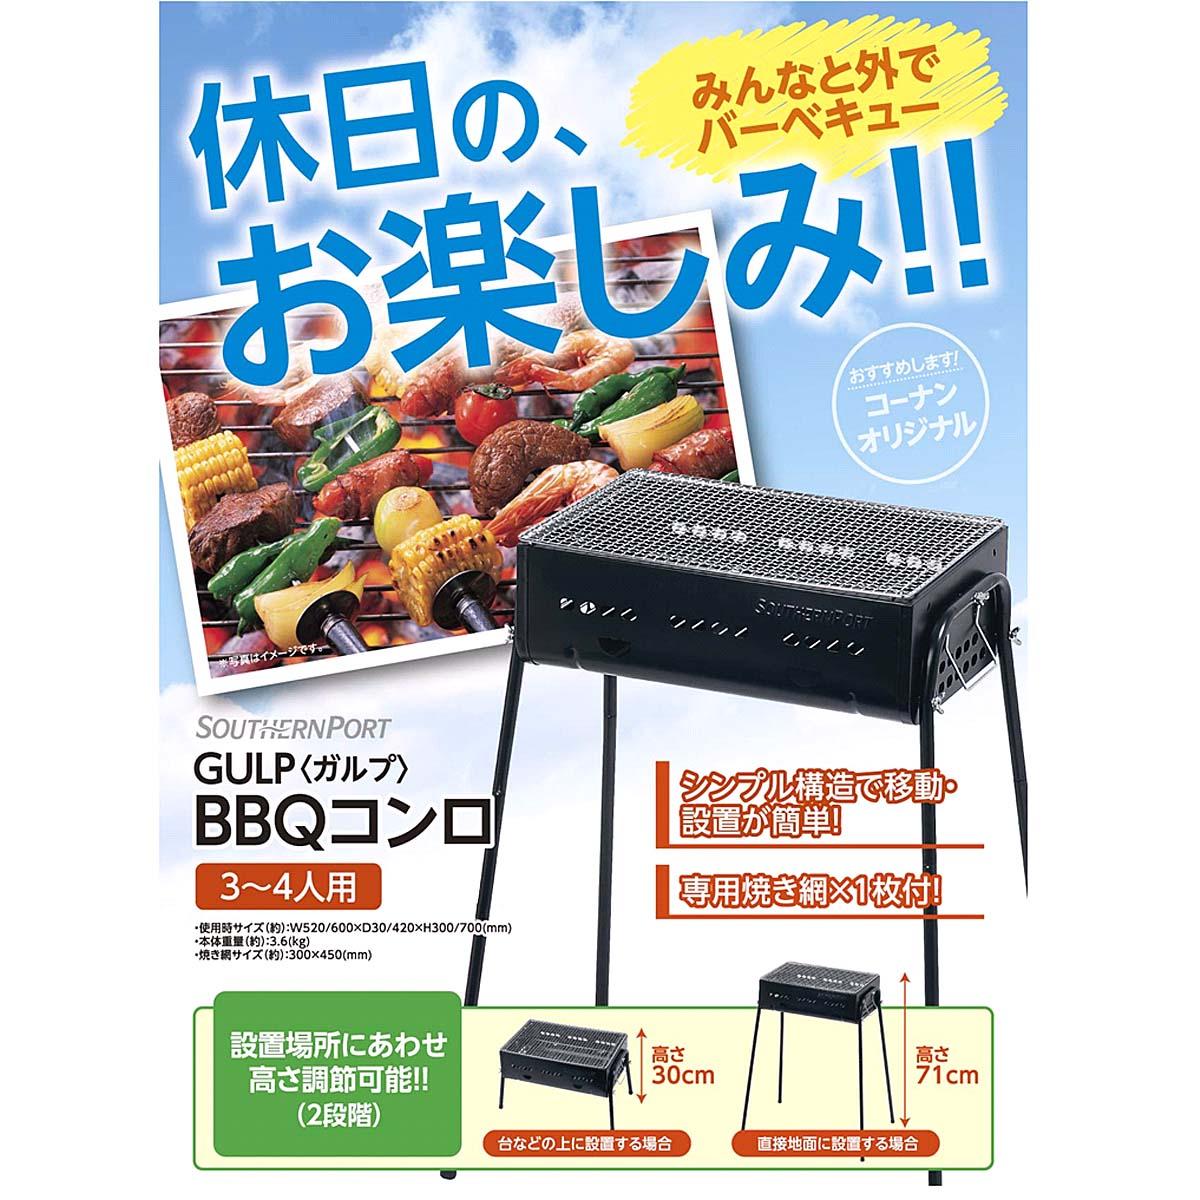 コーナン オリジナル BBQコンロ GULP KG23-2276